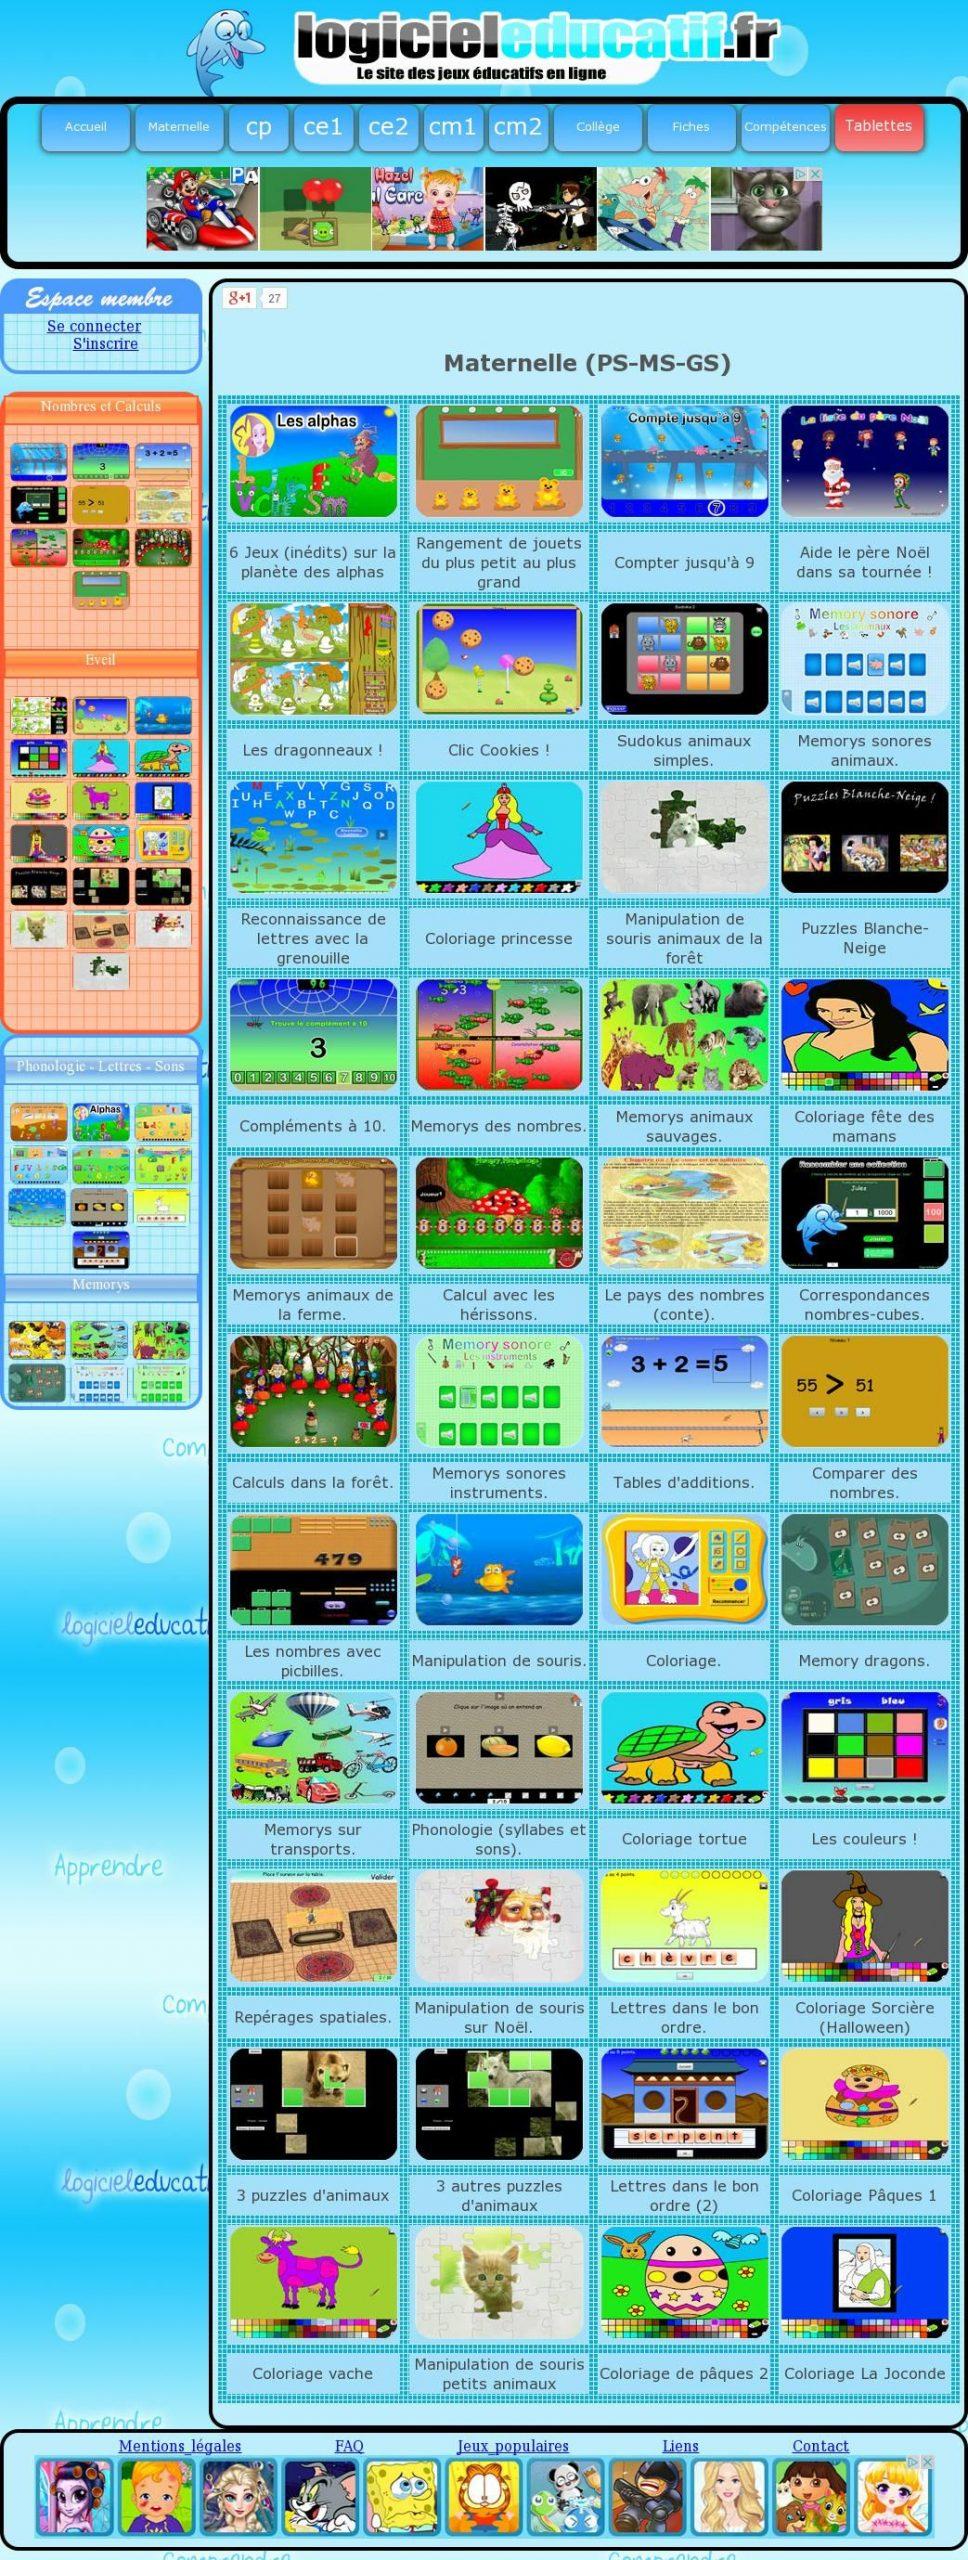 Logiciel Éducatif : Jeux Éducatifs Gratuits En Ligne De La à Jeux Educatif 3 Ans En Ligne